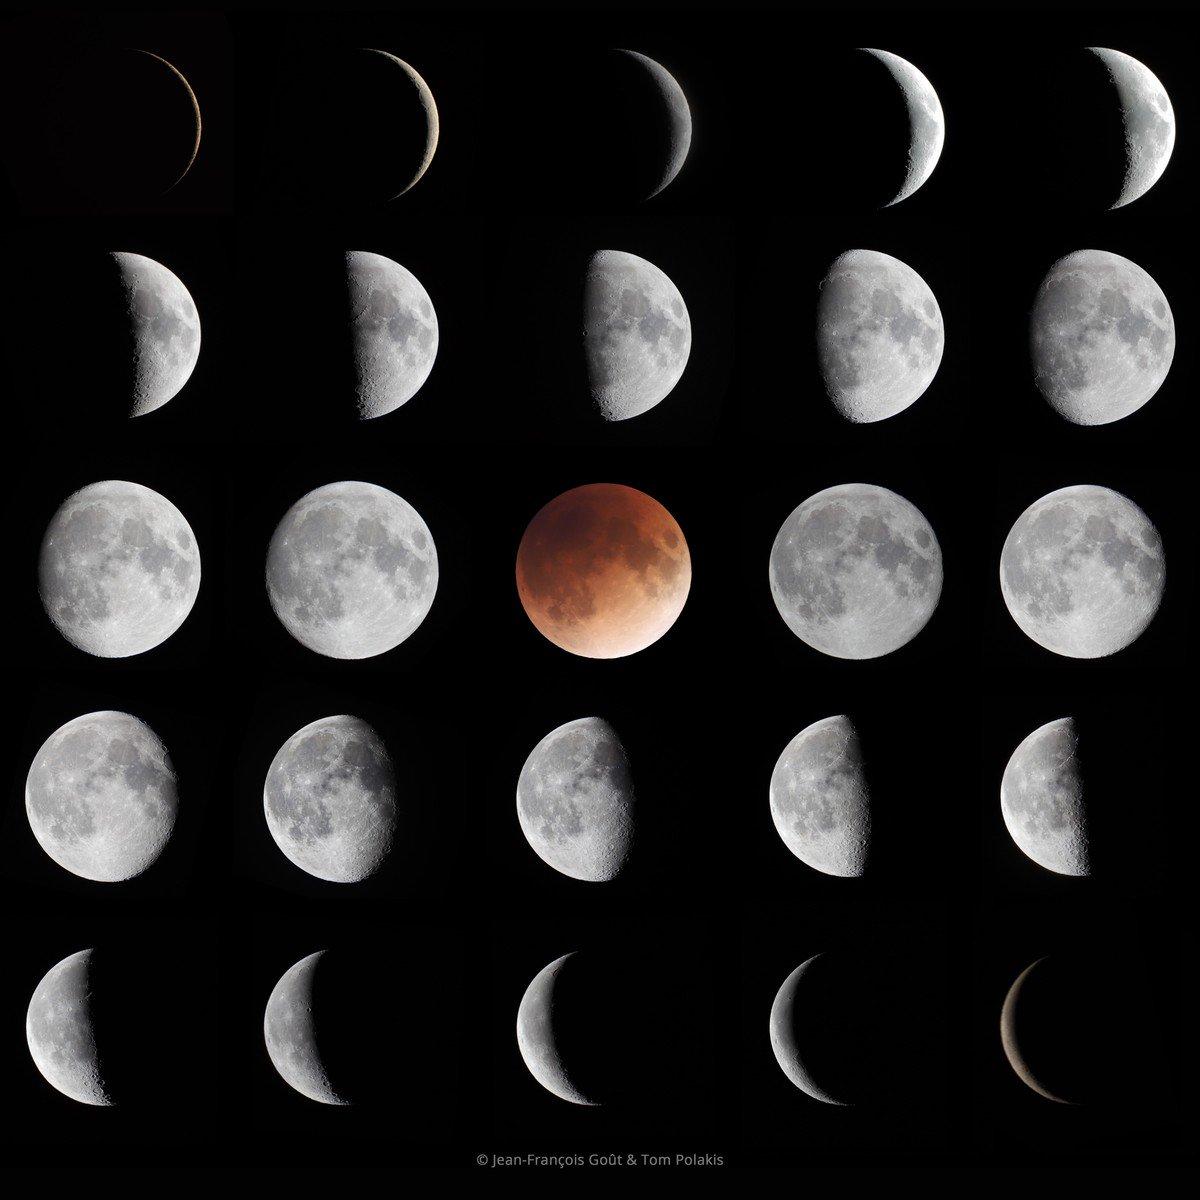 поздравления фазы луны какие бывают фото форме оттенкам цветки